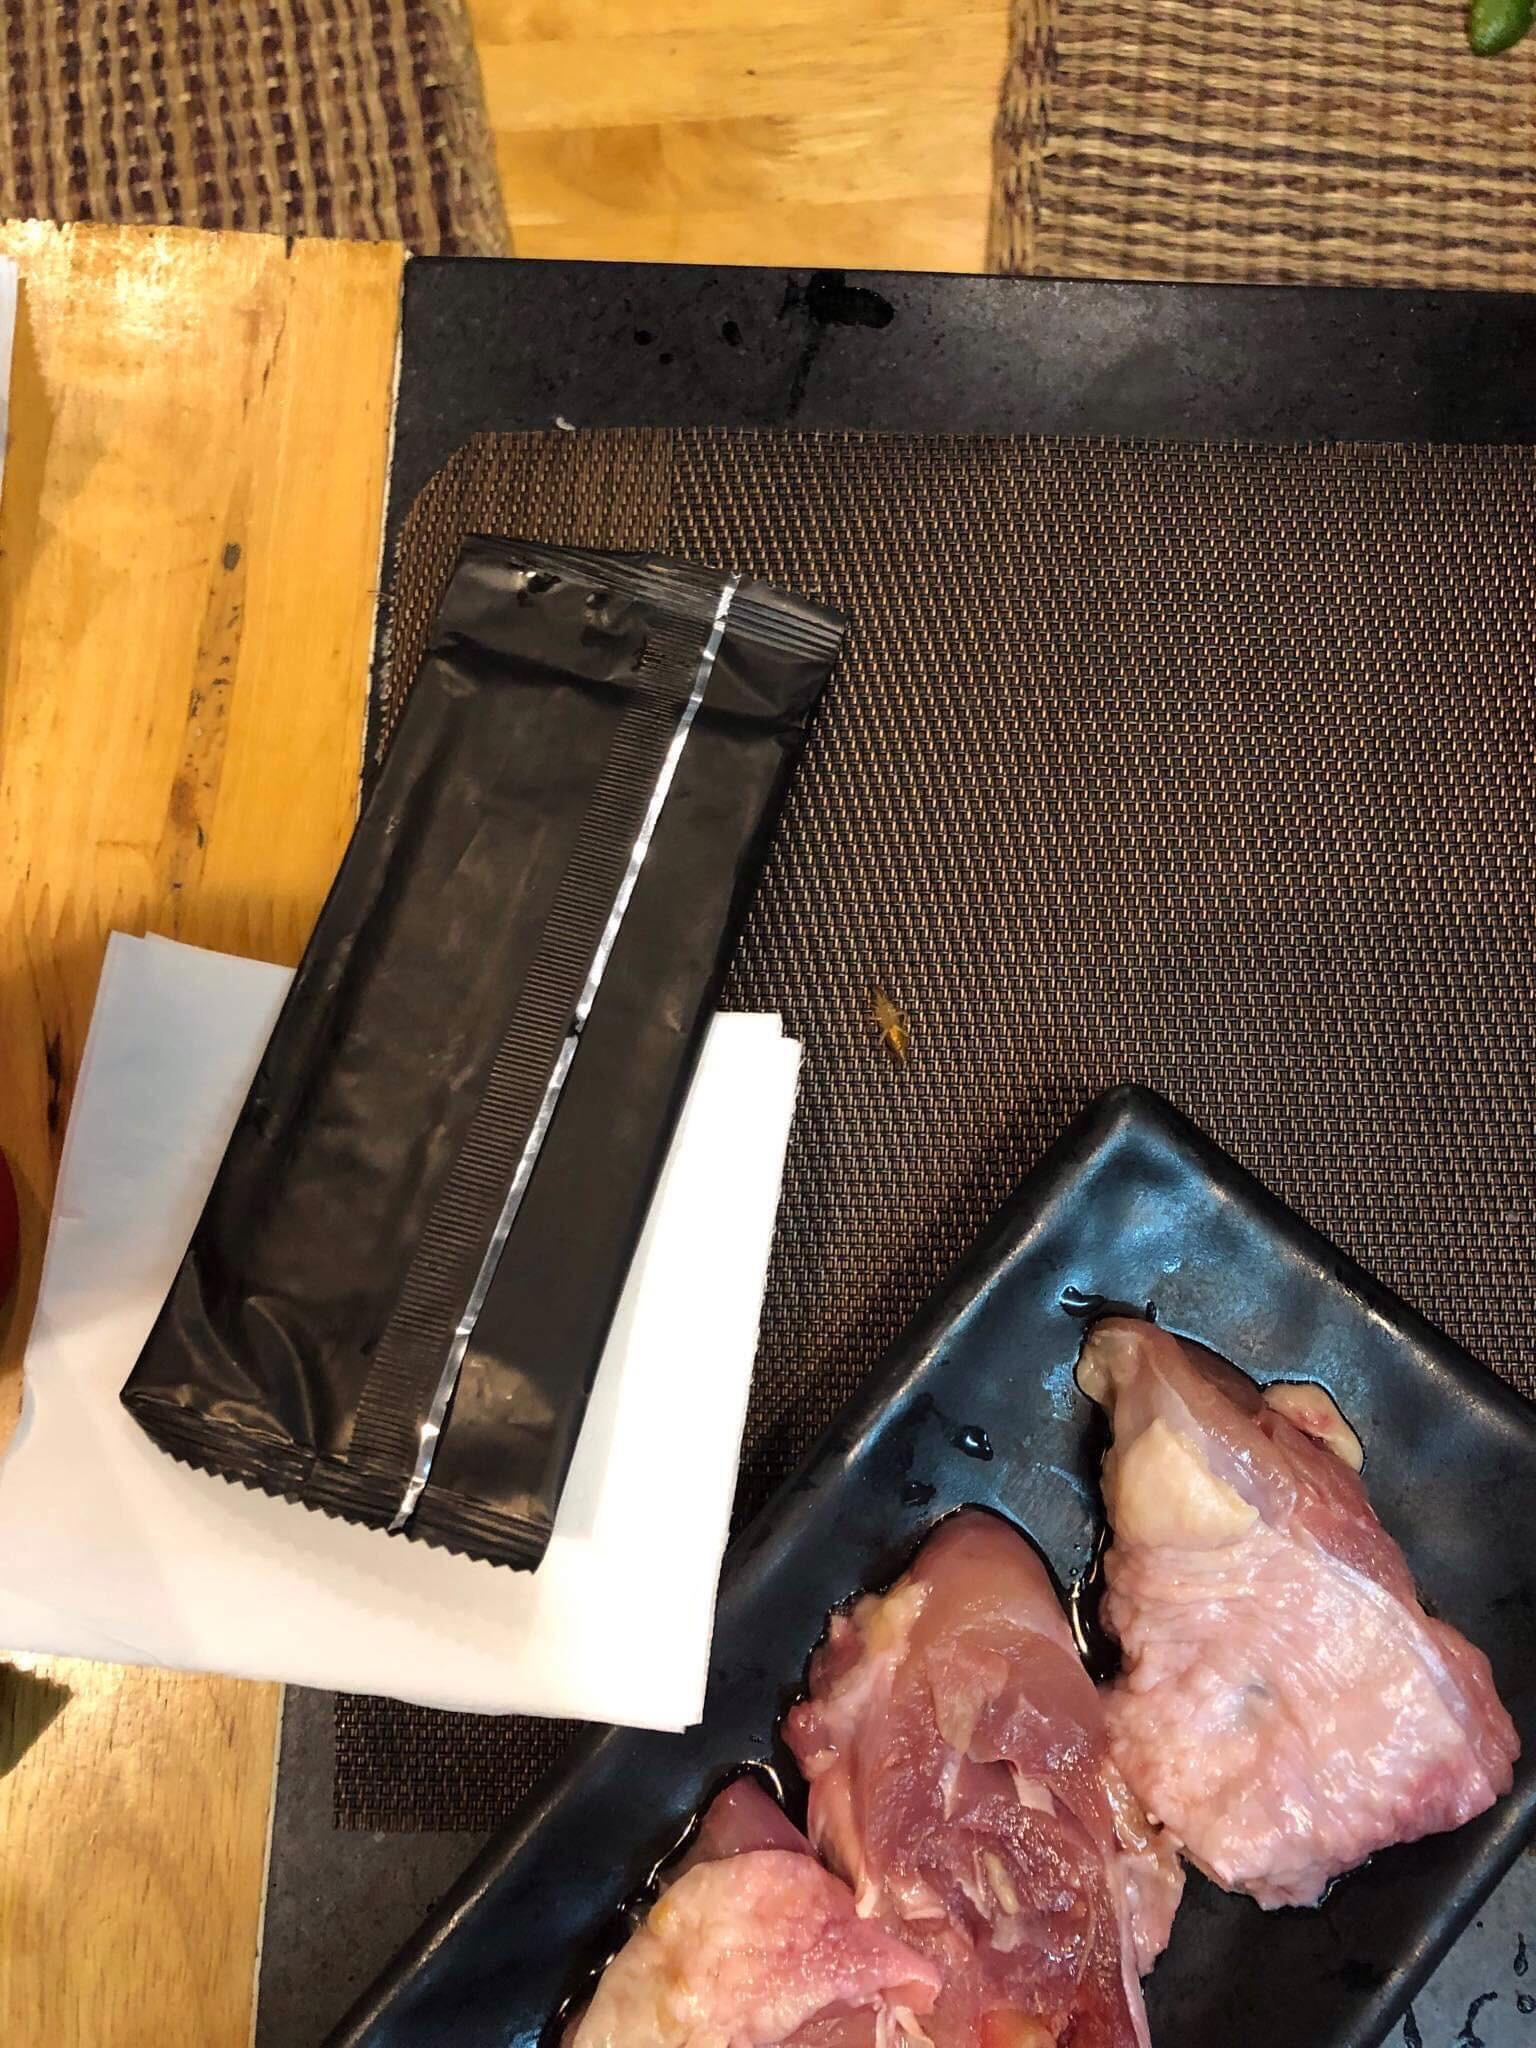 Gián bò loăng quăng ngay trên bàn ăn, cạnh những đĩa thịt thì khó lòng ăn ngon được.